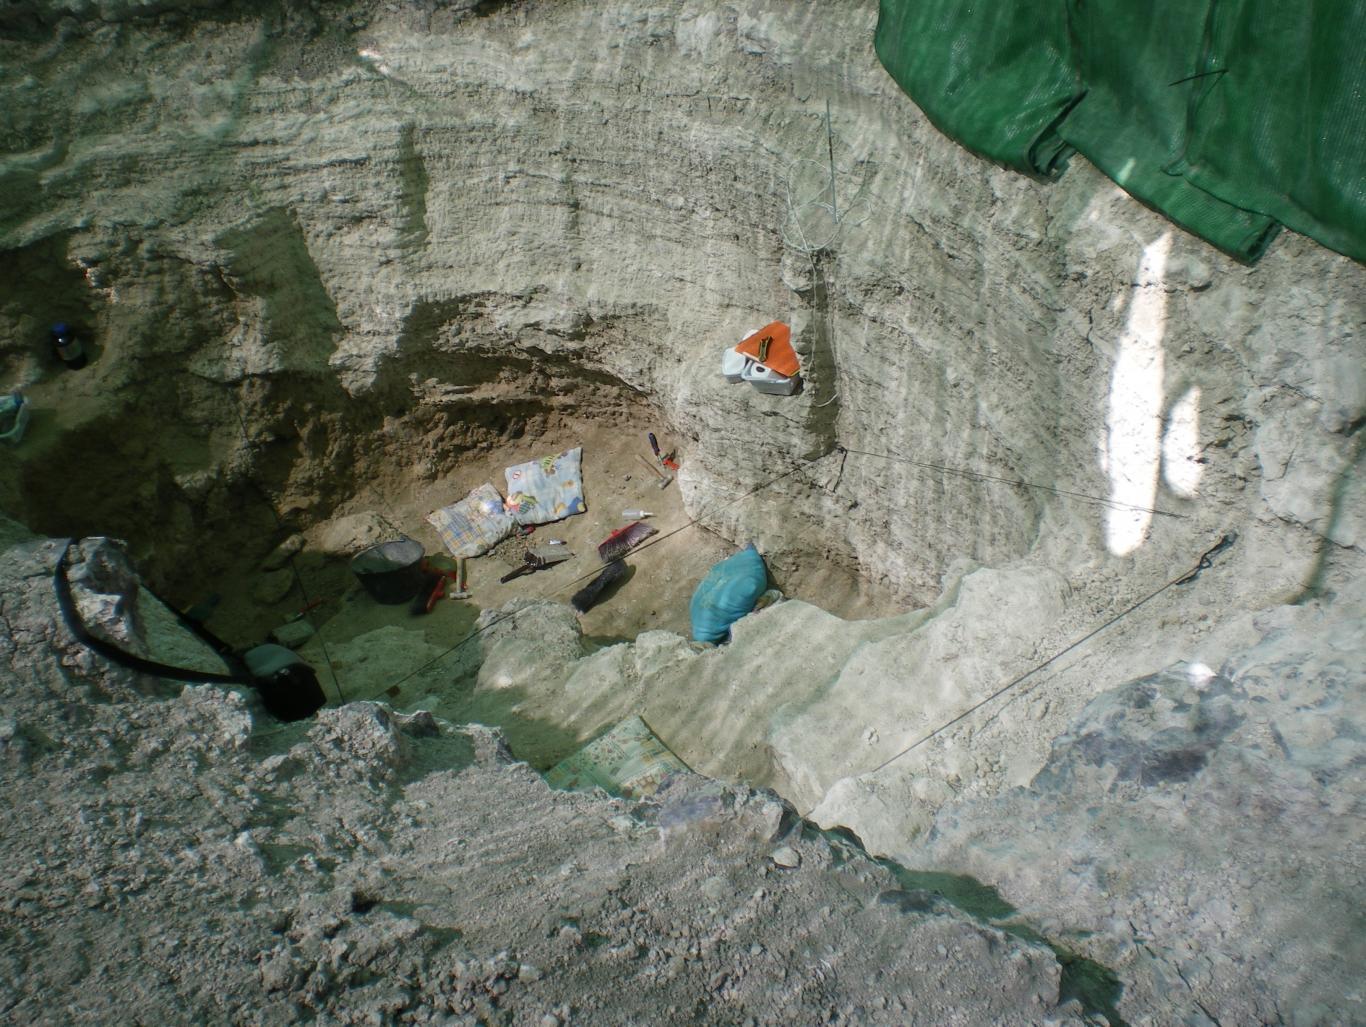 Imagen del Yacimiento Batallones 4 excavación de julio de 2012